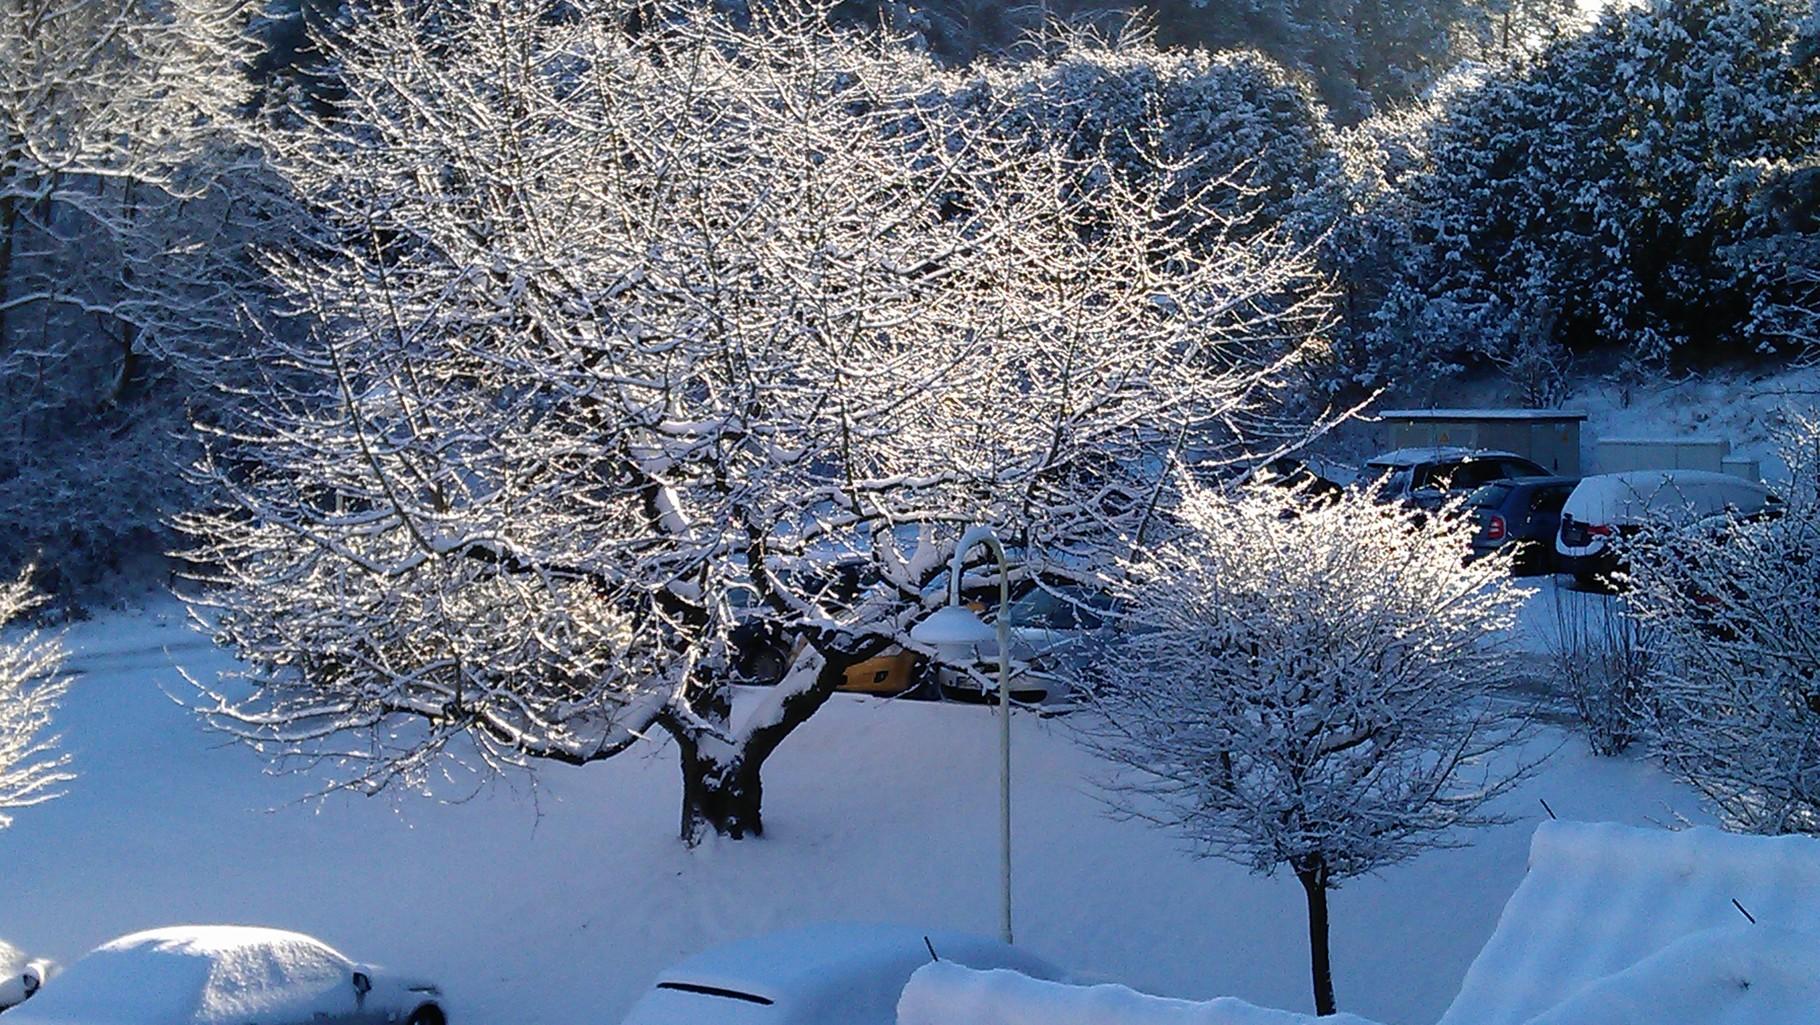 Morgens Blick aus dem Fenster... damit hat keiner gerechnet! So schön!